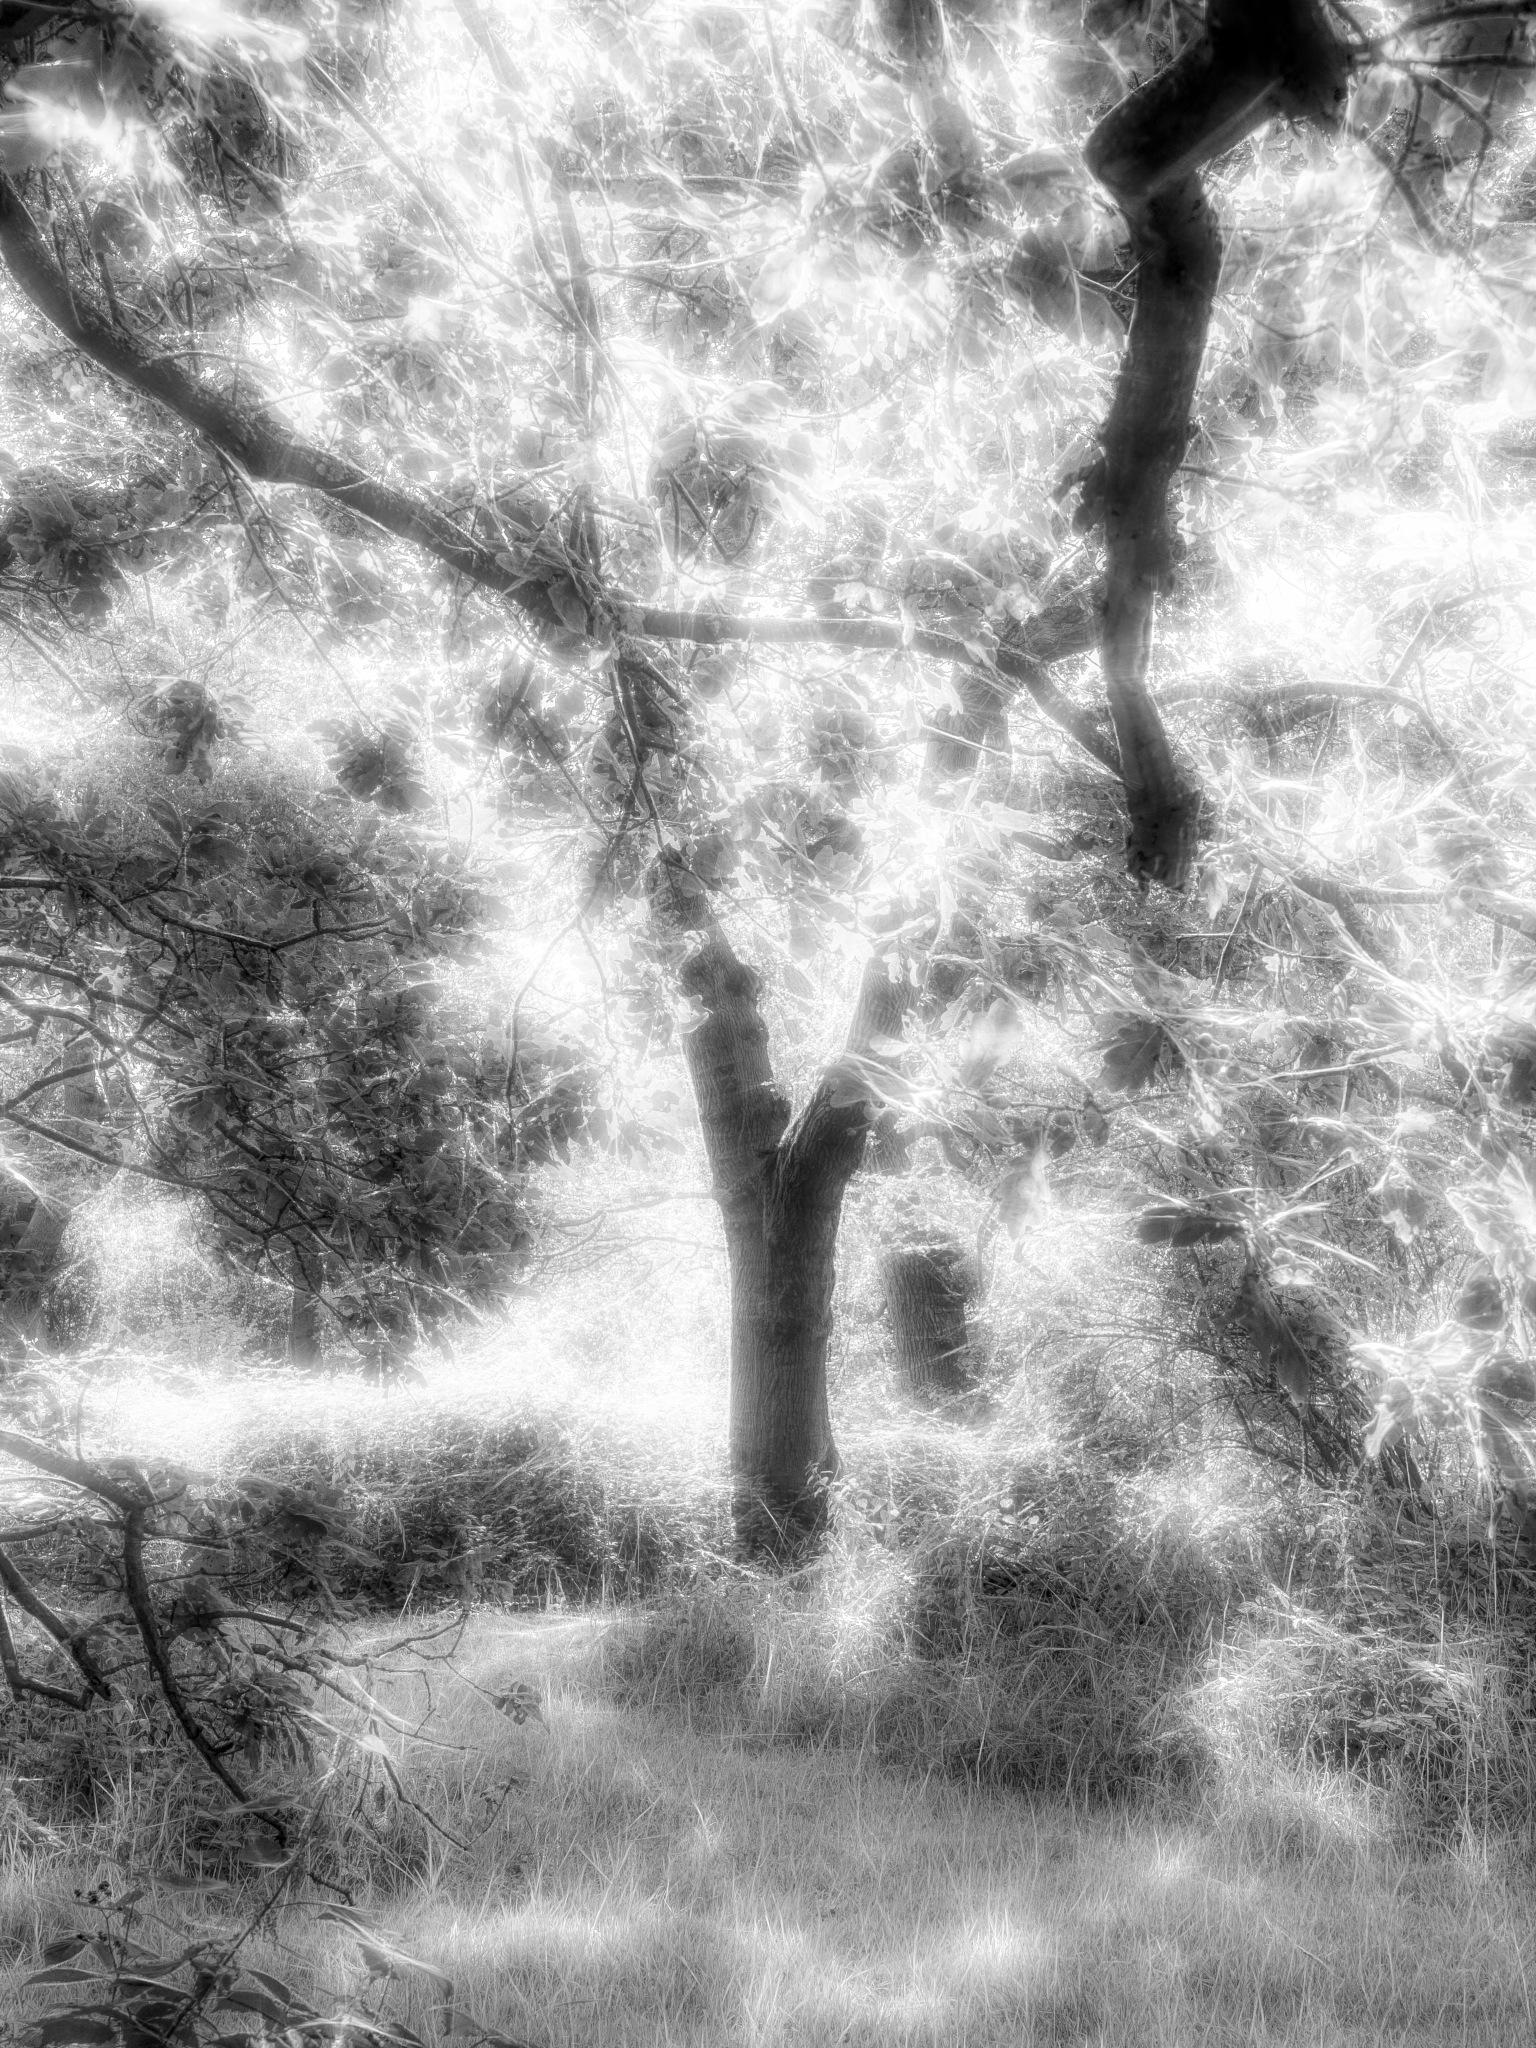 Fantasy Tree by Sarah Walters